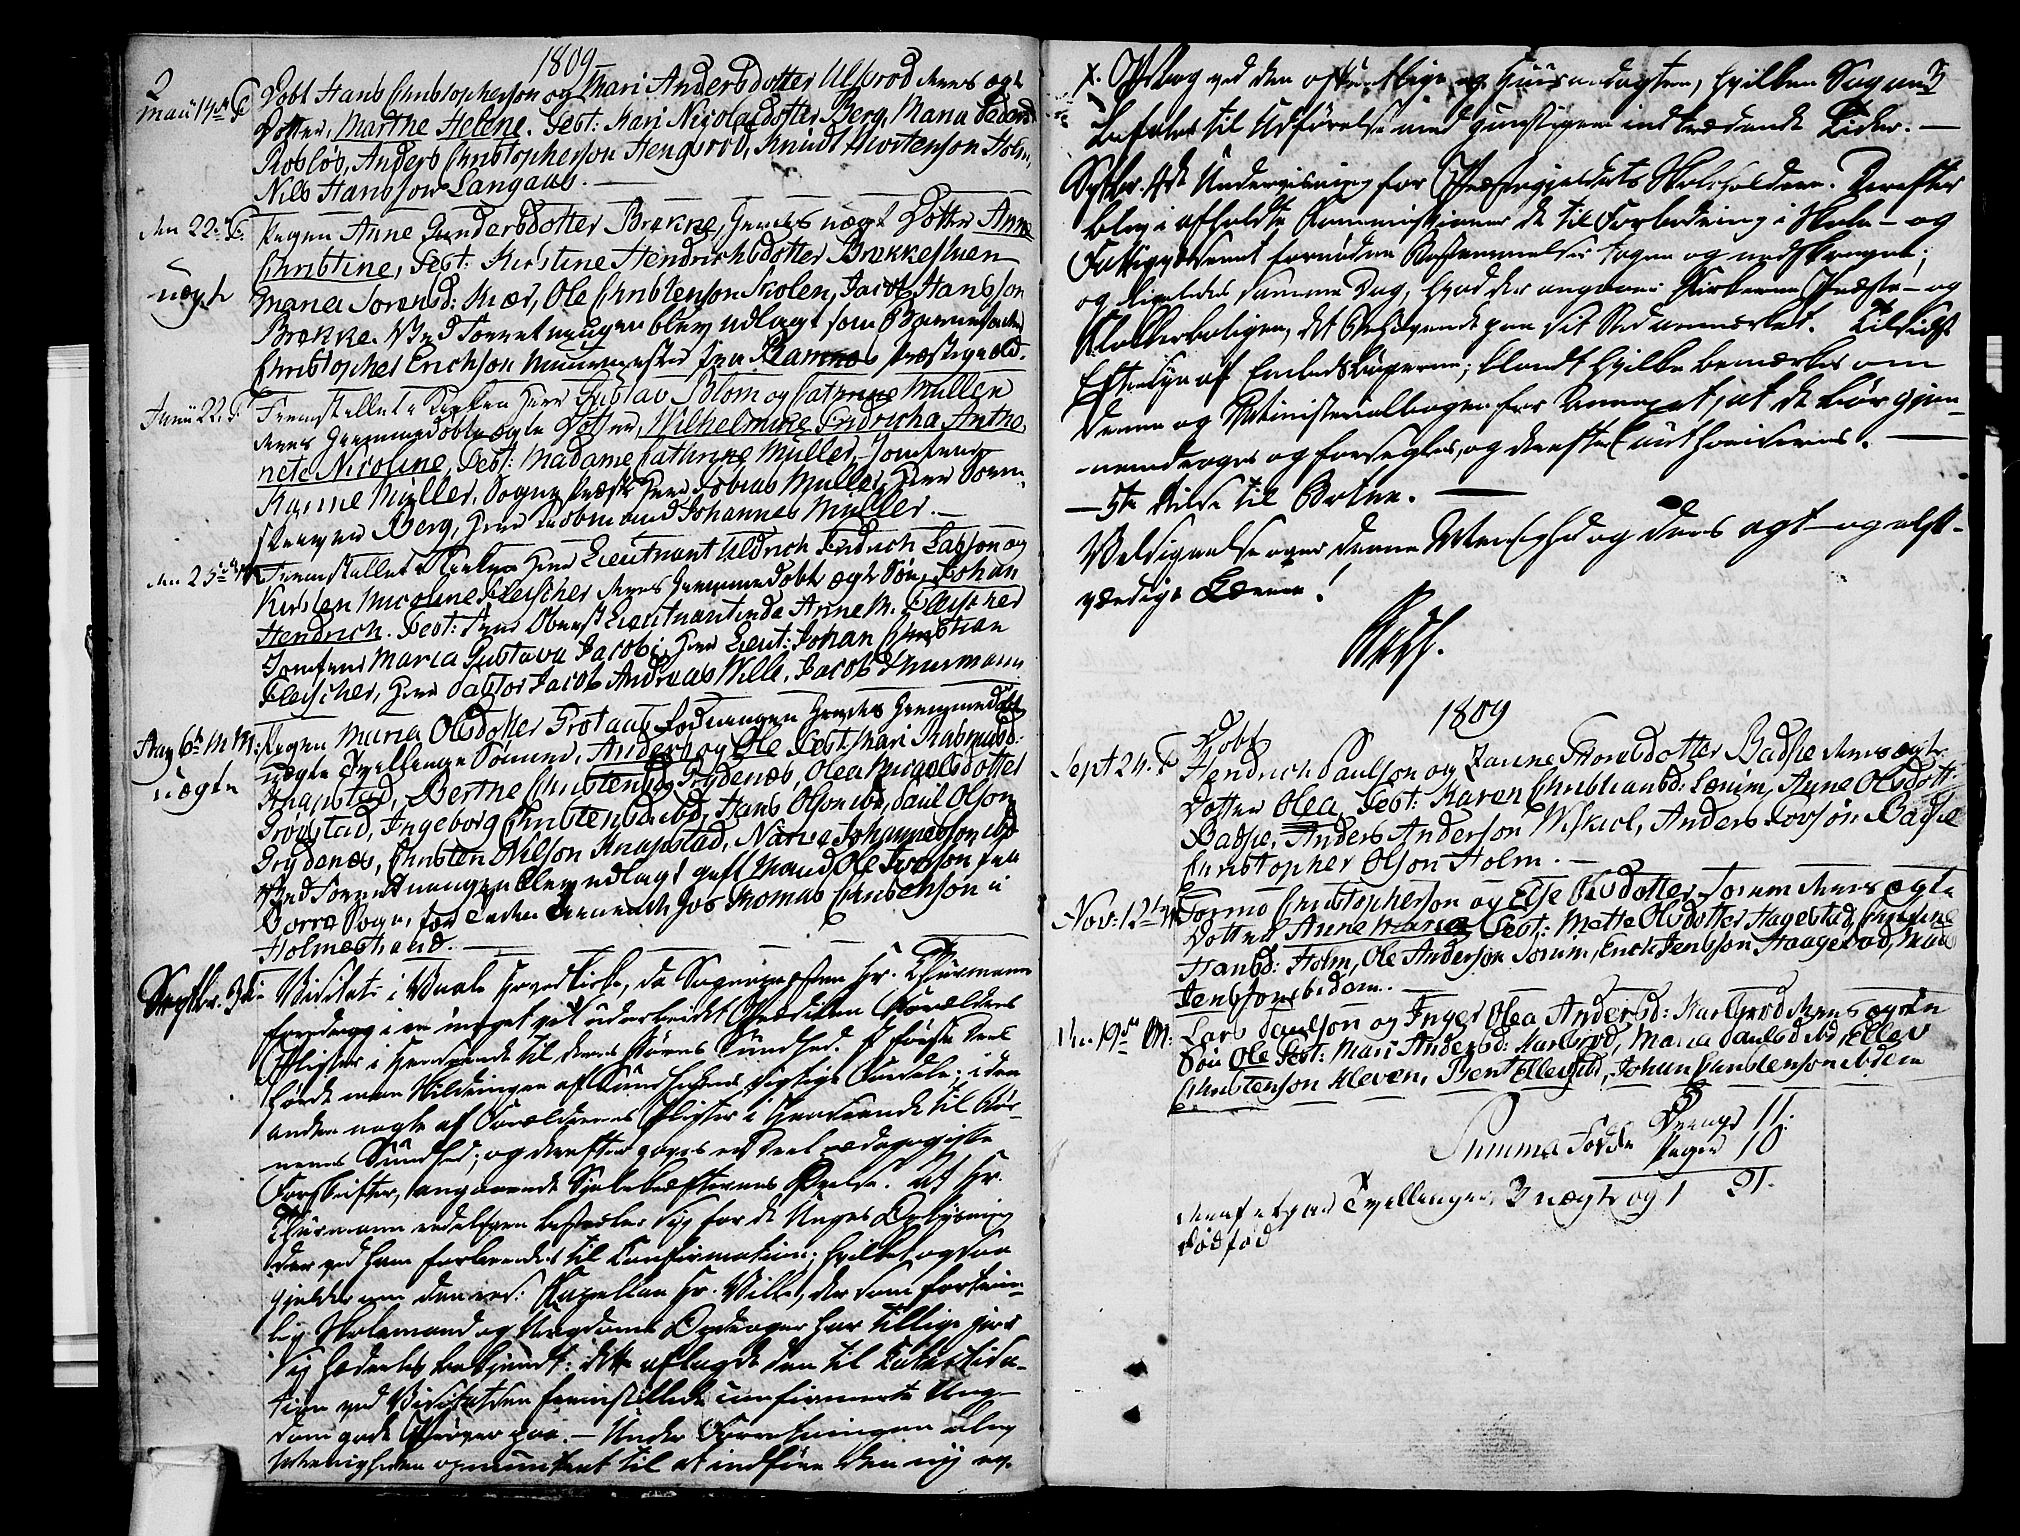 SAKO, Våle kirkebøker, F/Fa/L0006: Ministerialbok nr. I 6, 1808-1814, s. 2-3